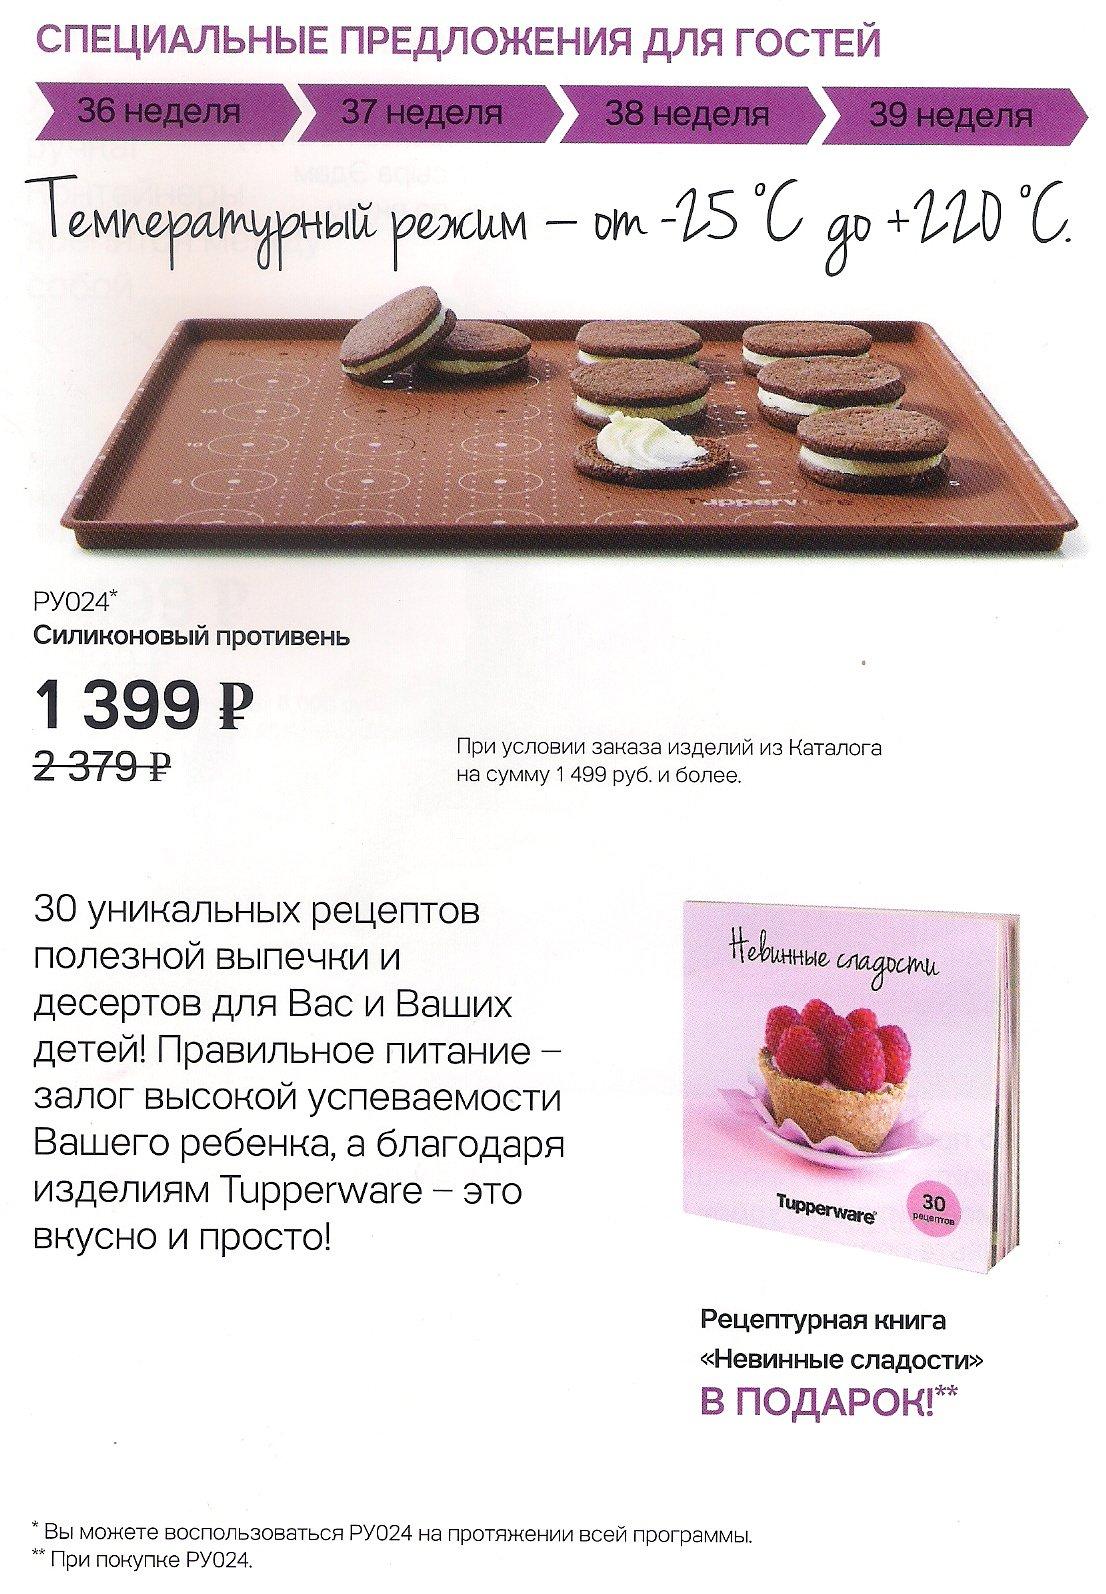 http://tupperware-online.ru/images/upload/8b.jpg